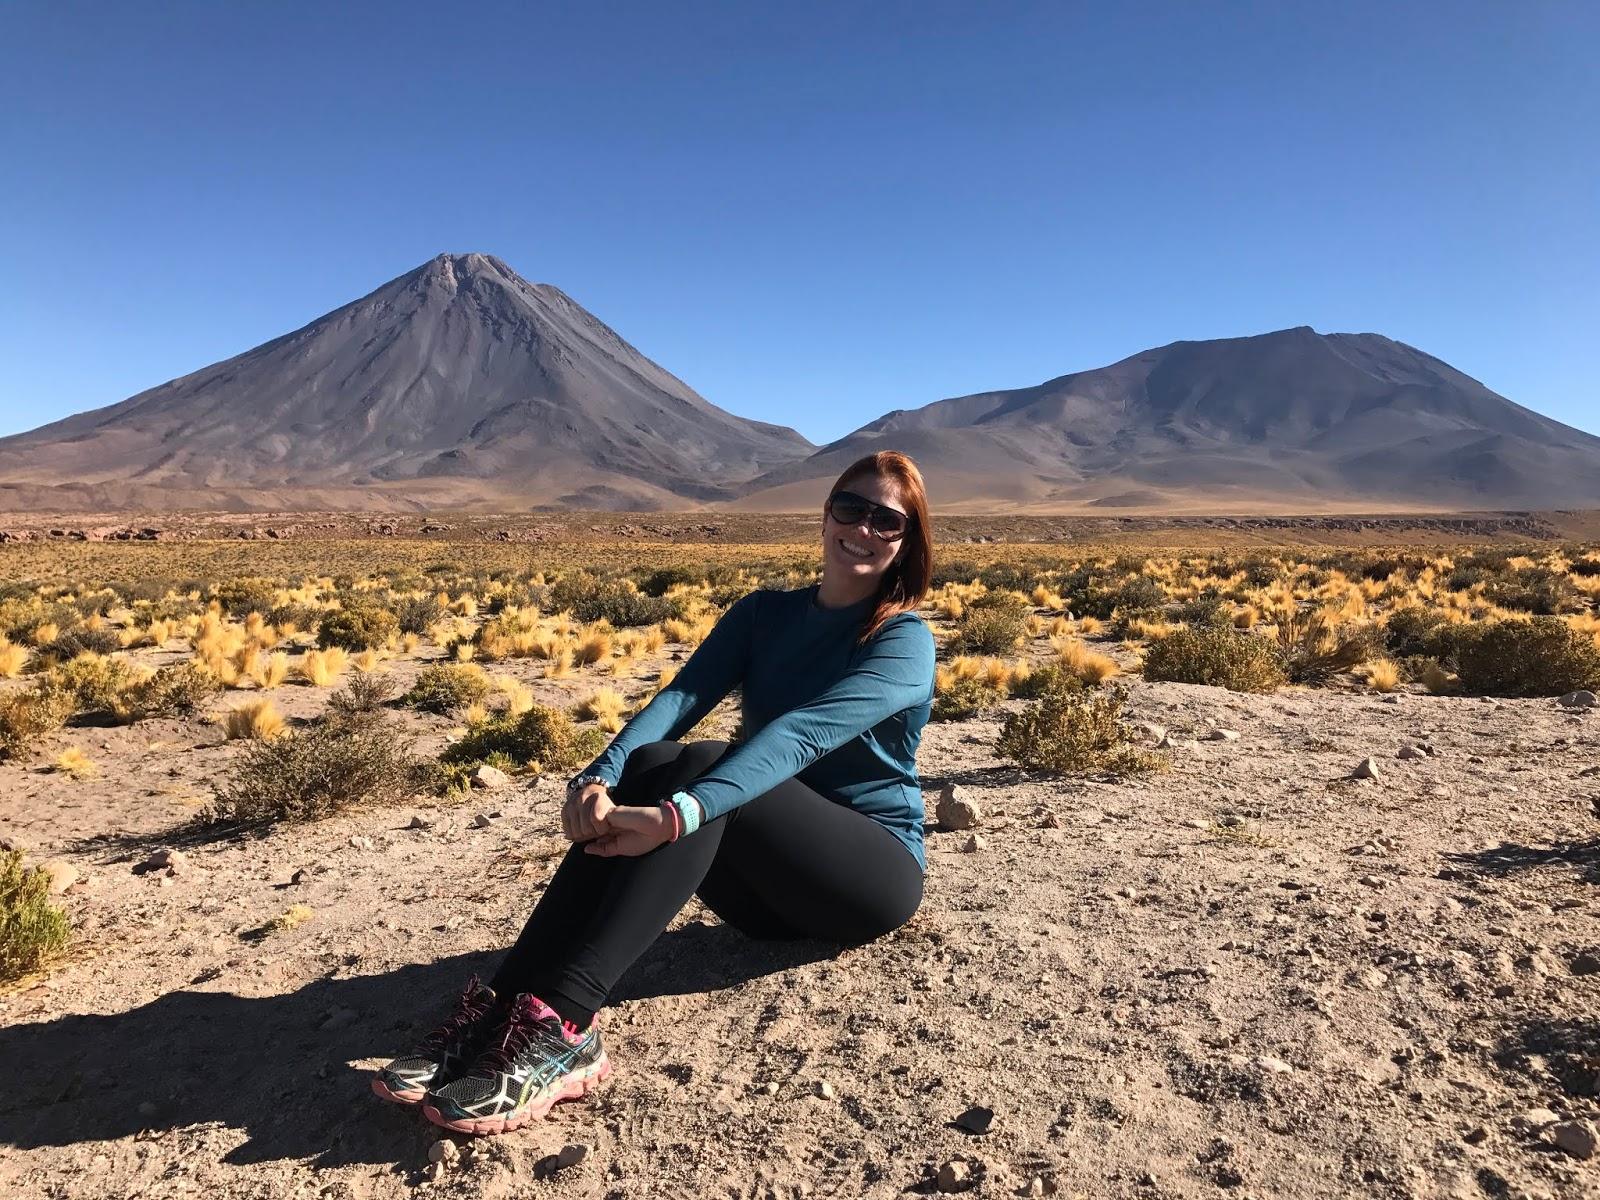 Vista para o Licancabur - Deserto do Atacama